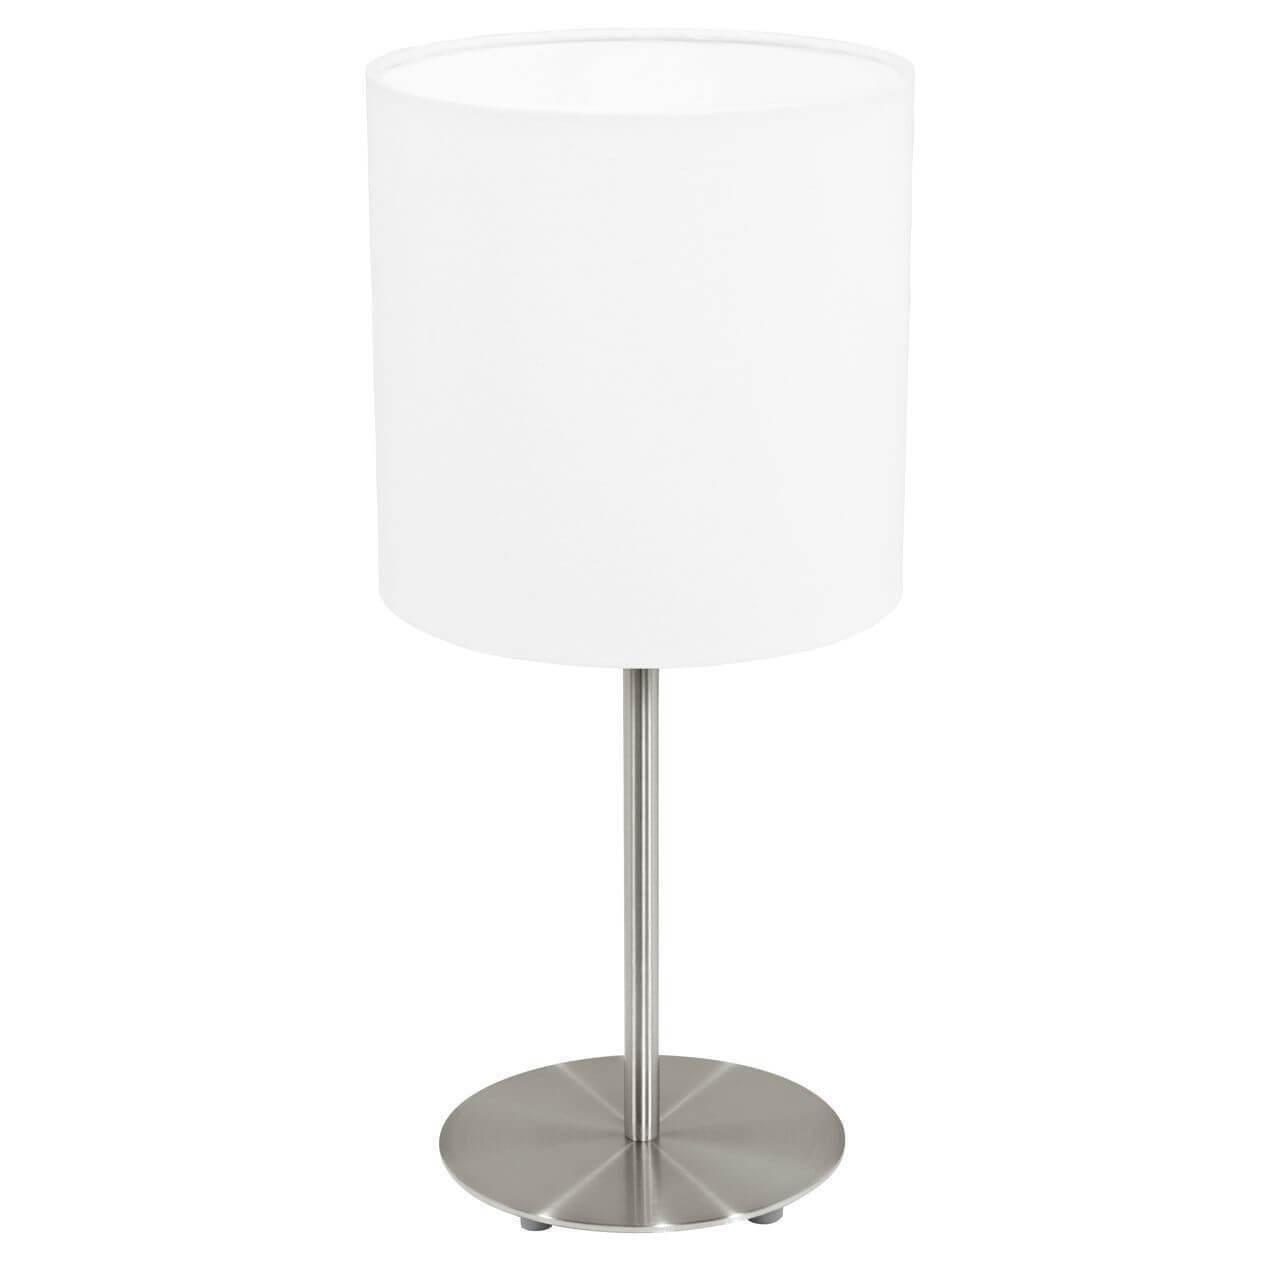 Купить Настольная лампа дизайнерская Boy в интернет магазине дизайнерской мебели и аксессуаров для дома и дачи